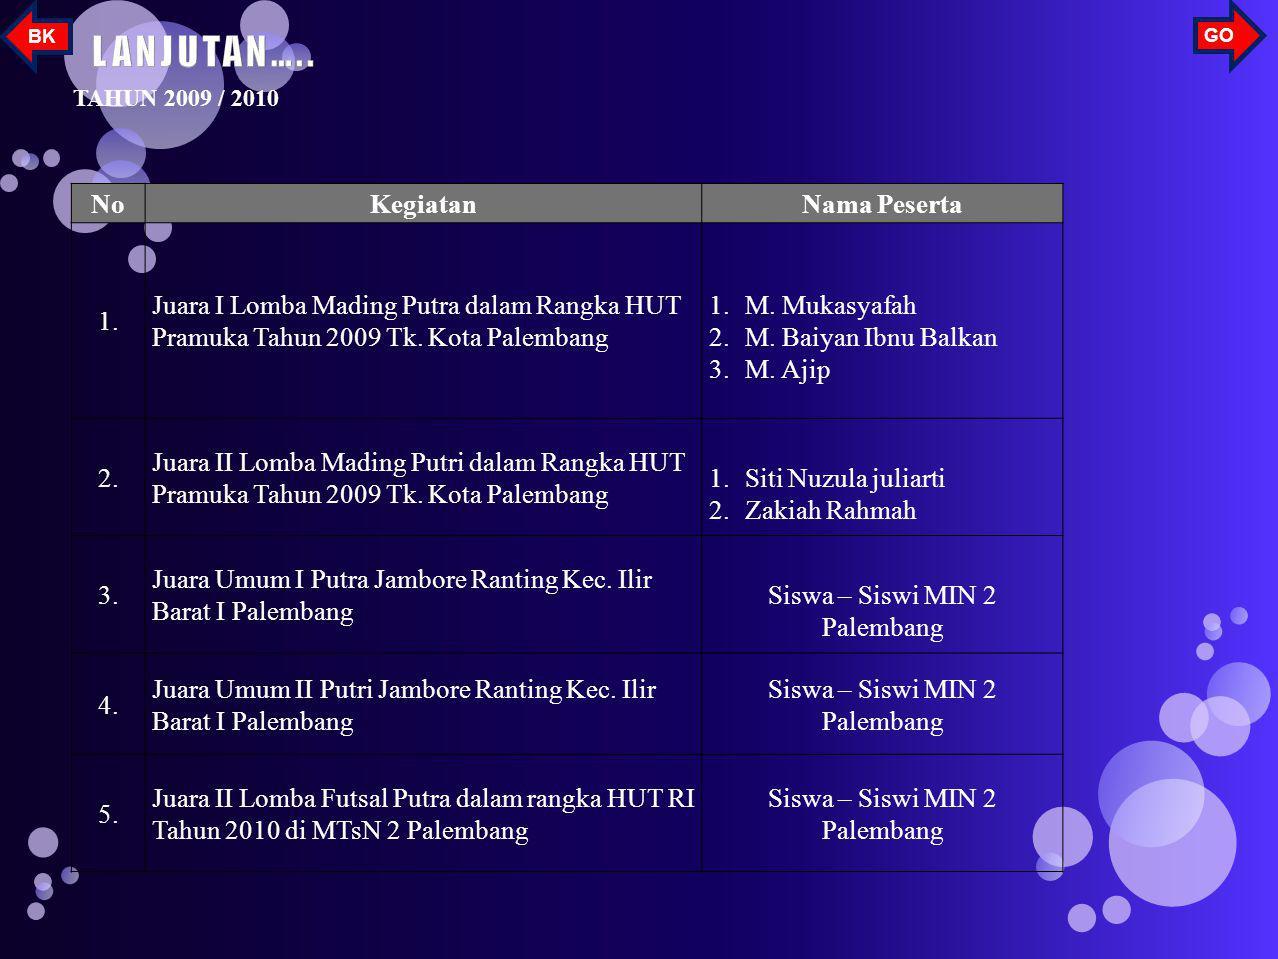 NoKegiatanNama Peserta 1. Peringatan Sepekan / Muharram 1430 H. Di Masjid Ki Marogan Palembang. Juara I Lomba Tahfiz 1 Juz Amma 1.A. Al-Khoiri 2. Peri